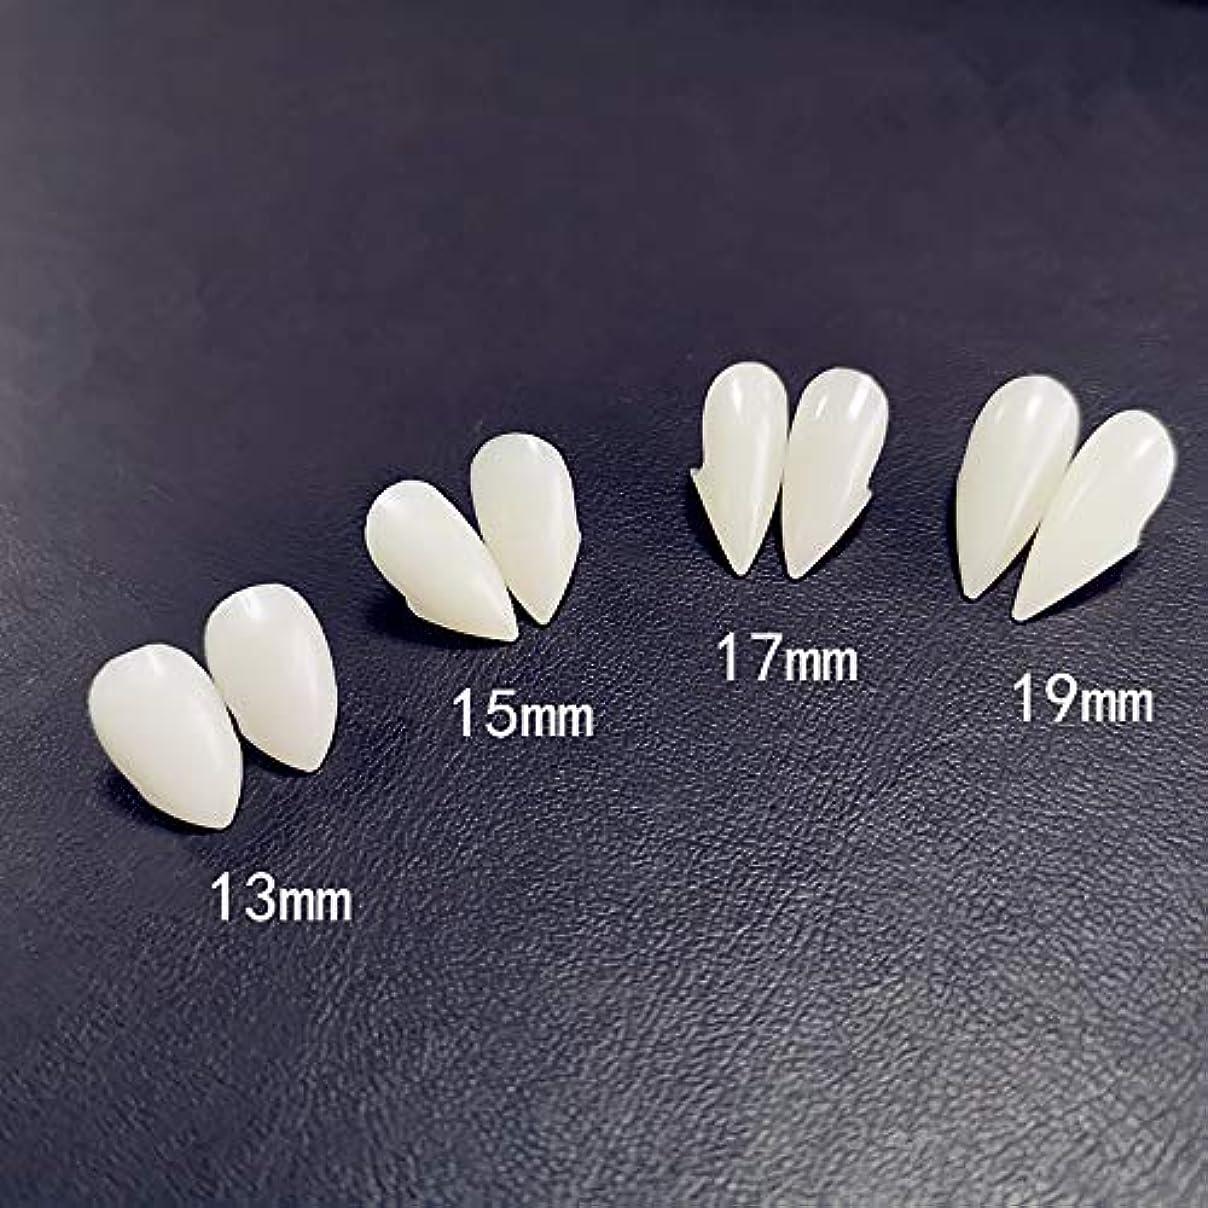 論理的に反応する森林6ペア牙キット歯の入れ歯歯の牙入れ歯小道具ハロウィーンの衣装小道具パーティーの好意休日DIYの装飾ホラー大人のための子供,17mm